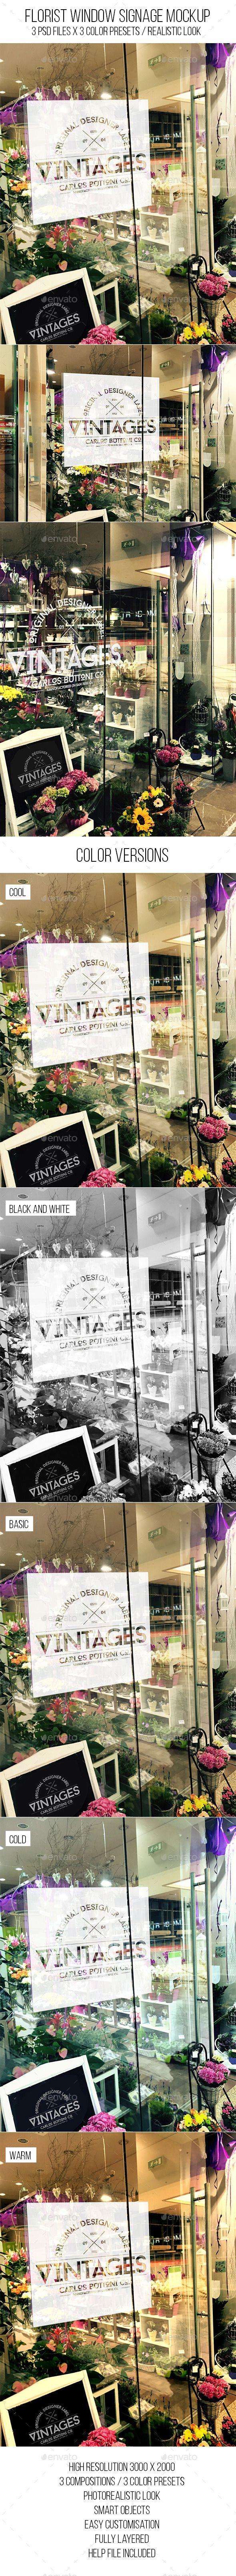 Florist Window Signage Mockup #design #presentation Download: http://graphicriver.net/item/florist-window-signage-mockup/11905122?ref=ksioks